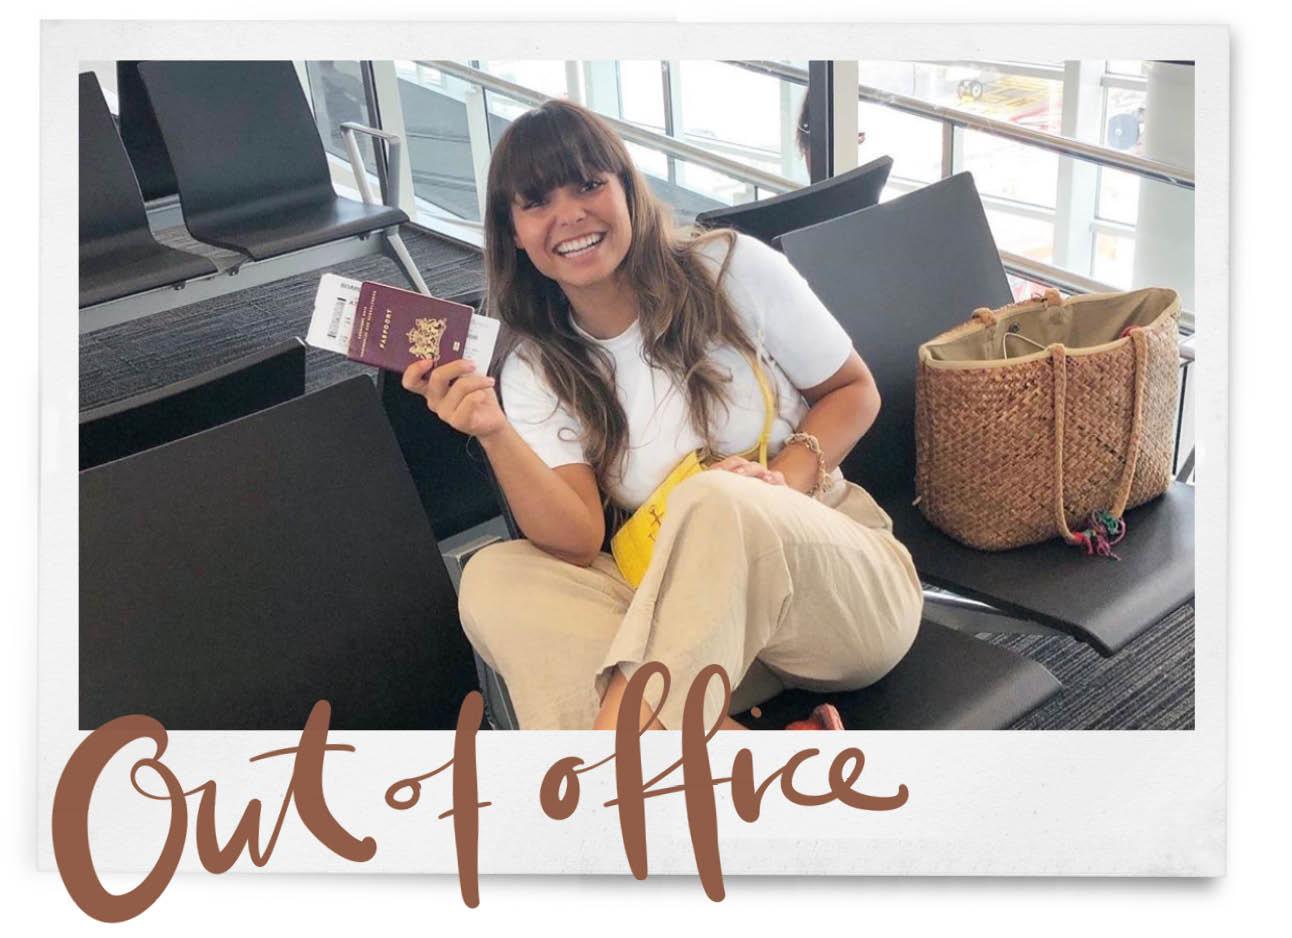 Kiki van duren op schiphol, beige broek en wit shirt draagt ze, naast haar staat een beige tas en ze houdt haar paspoort vast